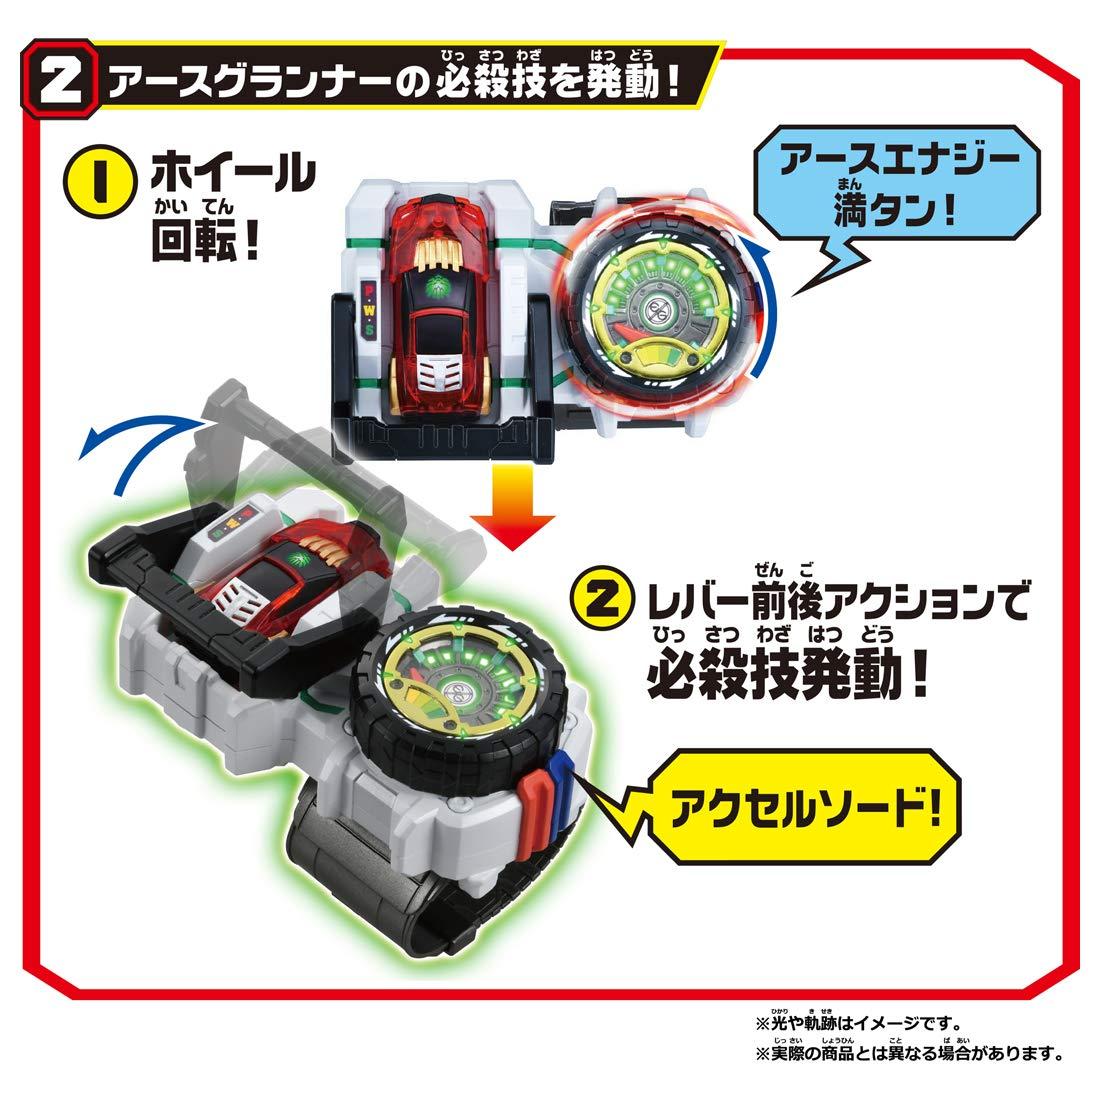 トミカ絆合体 アースグランナー『アースブレス&アースハンドル シフトチェンジDXセット』変身なりきり-007